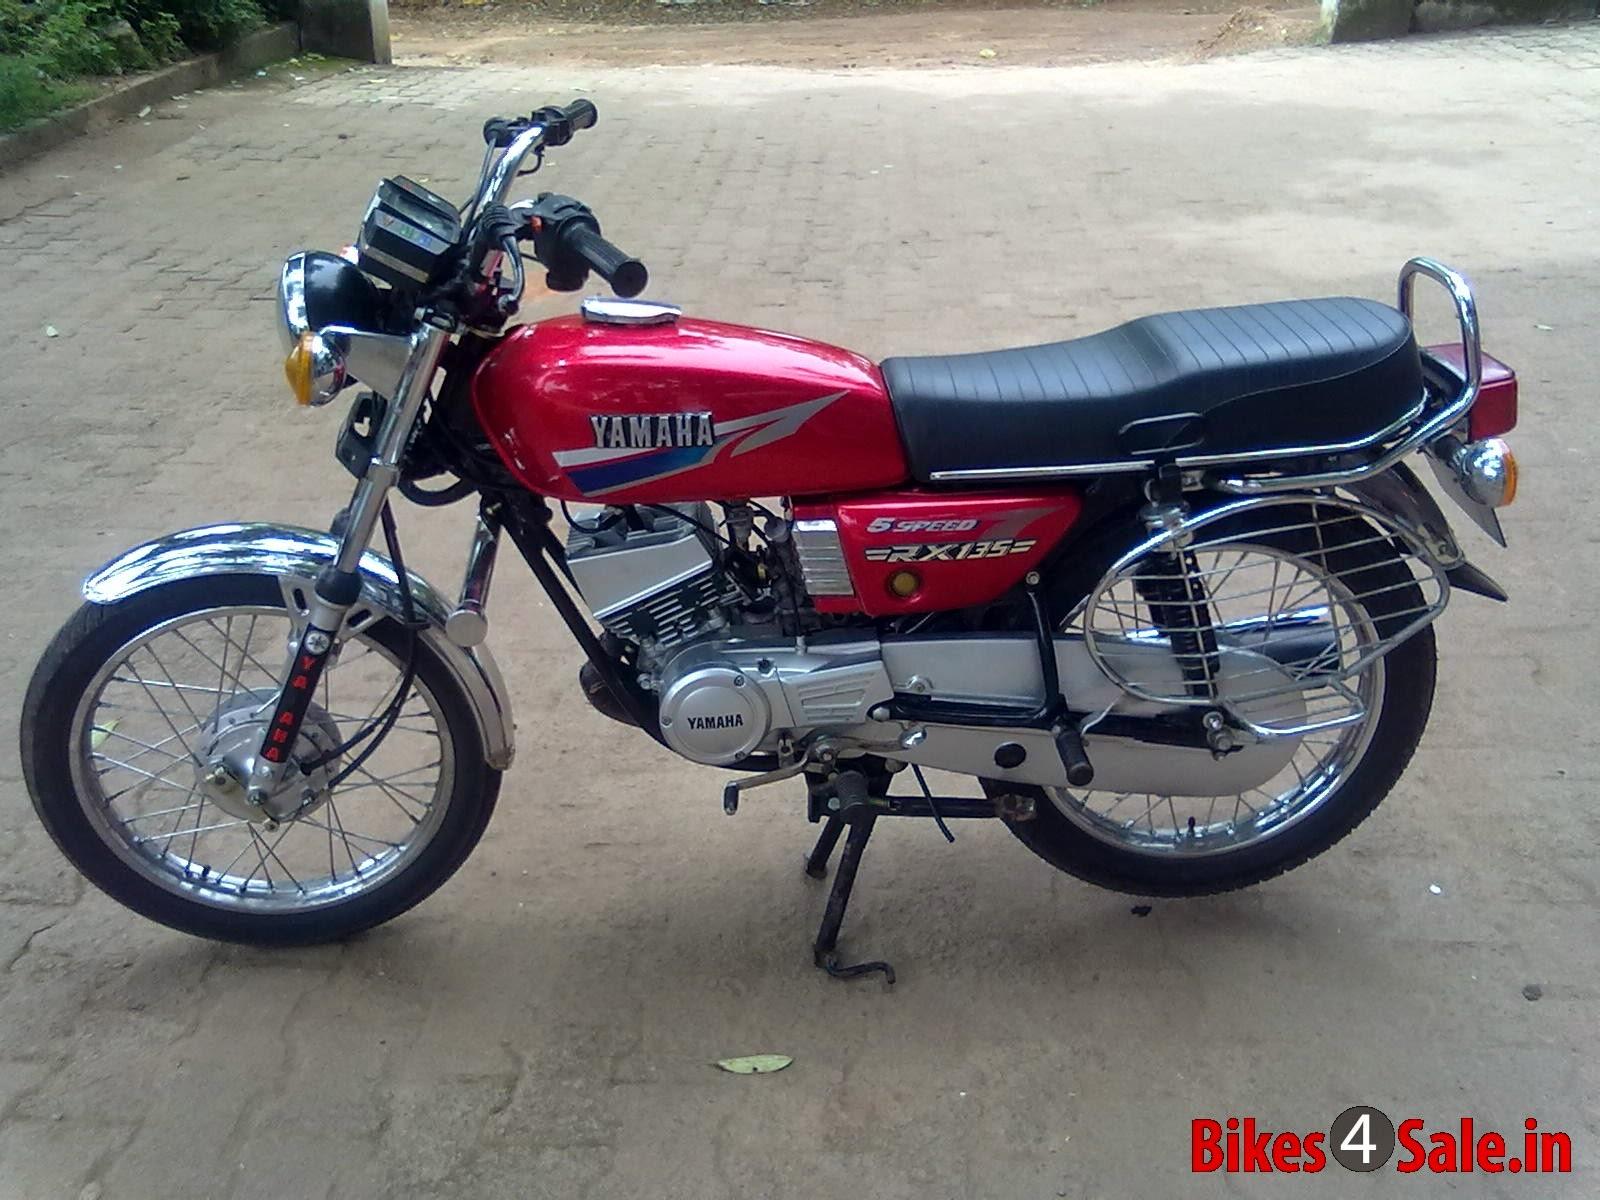 yamaha rx 135 5 speed bikerz club